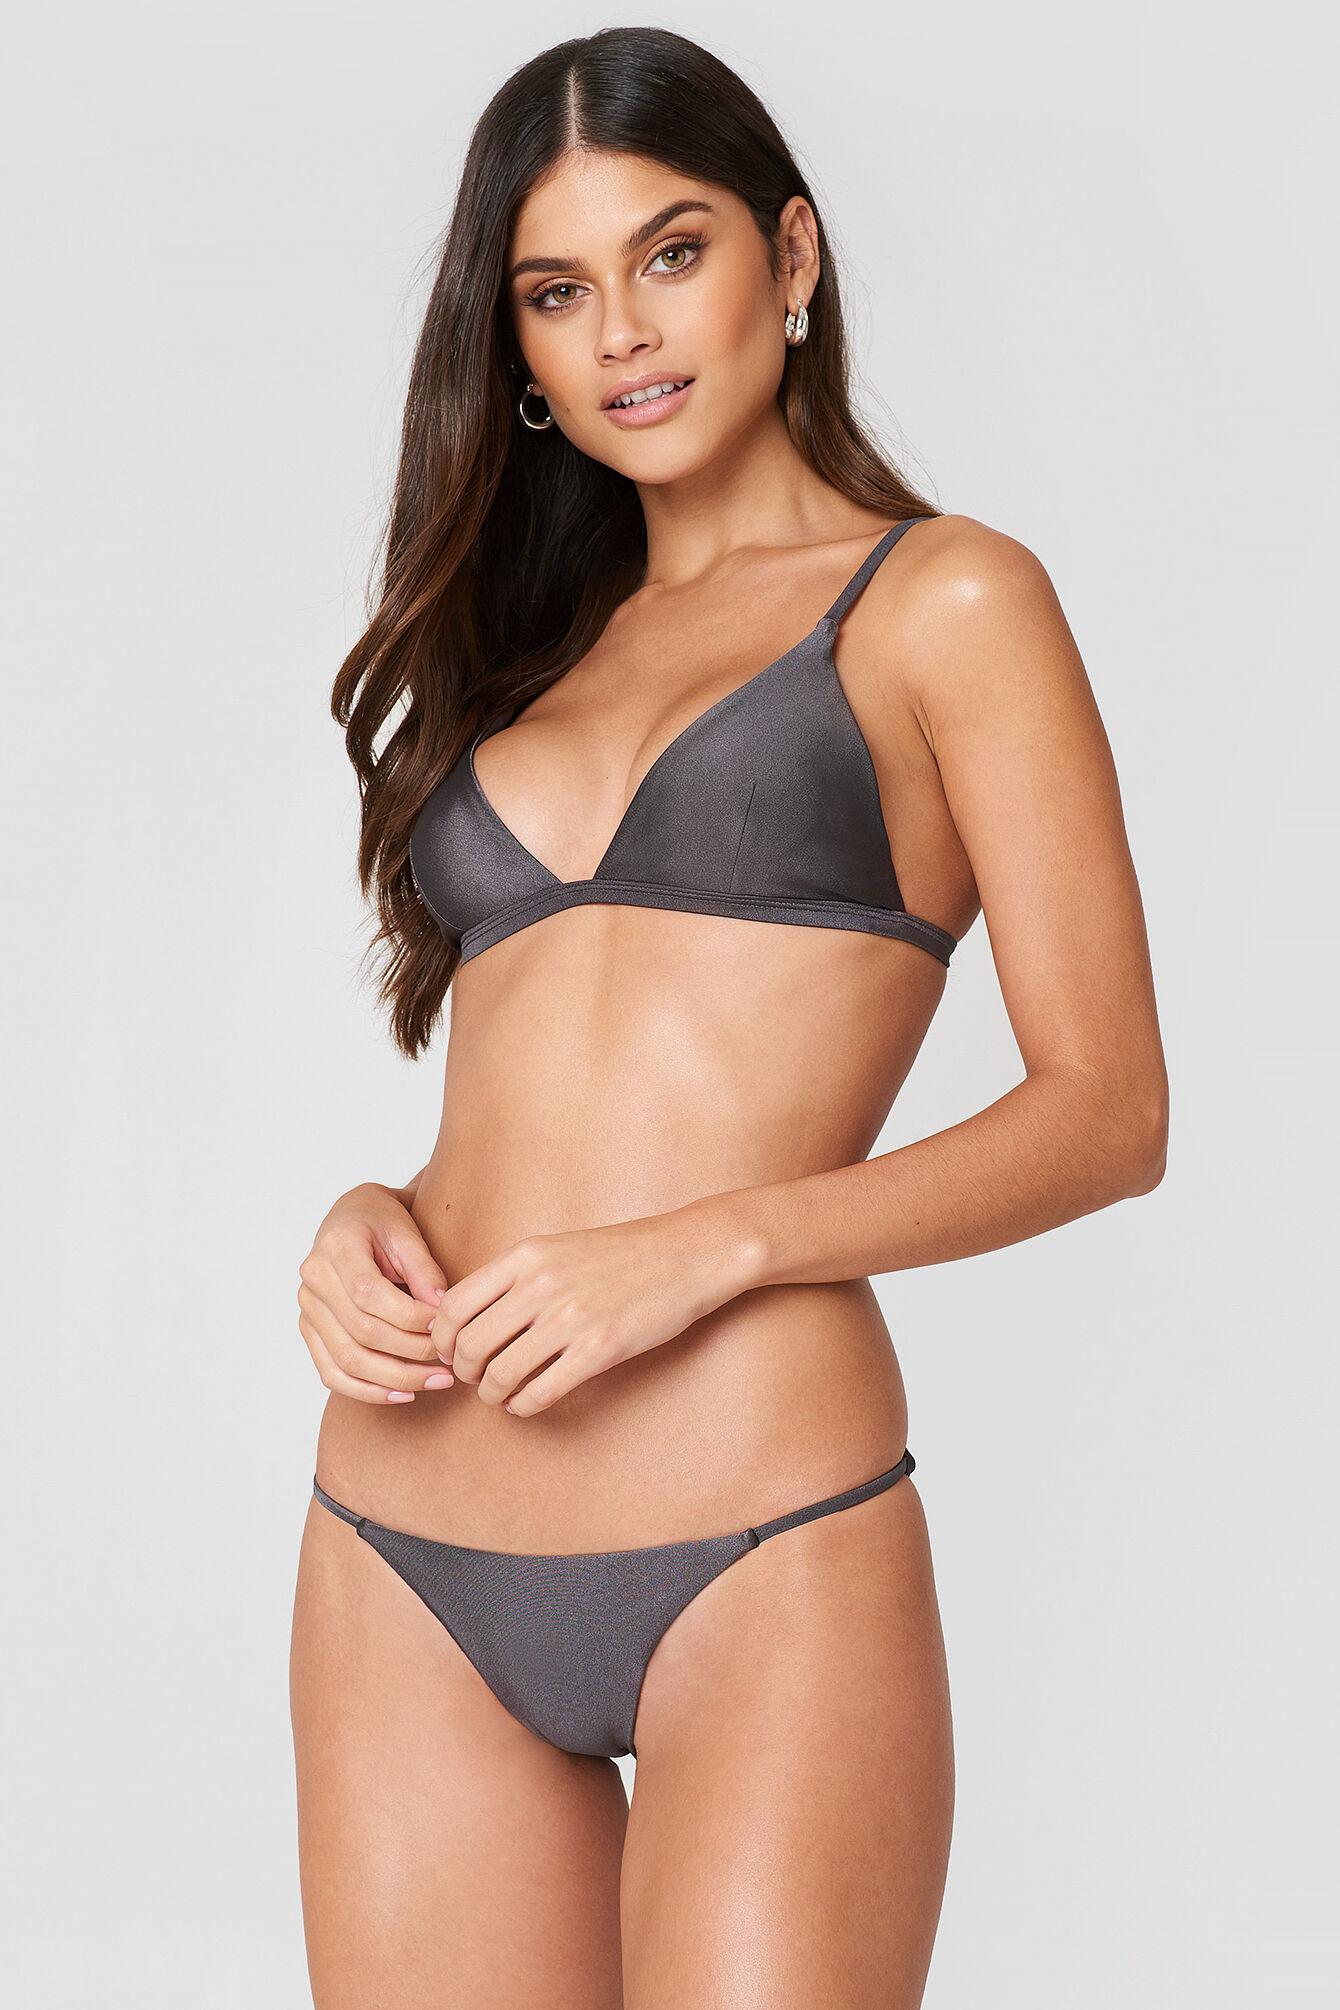 FAYT Kelvin Bikini Bottoms - Grey